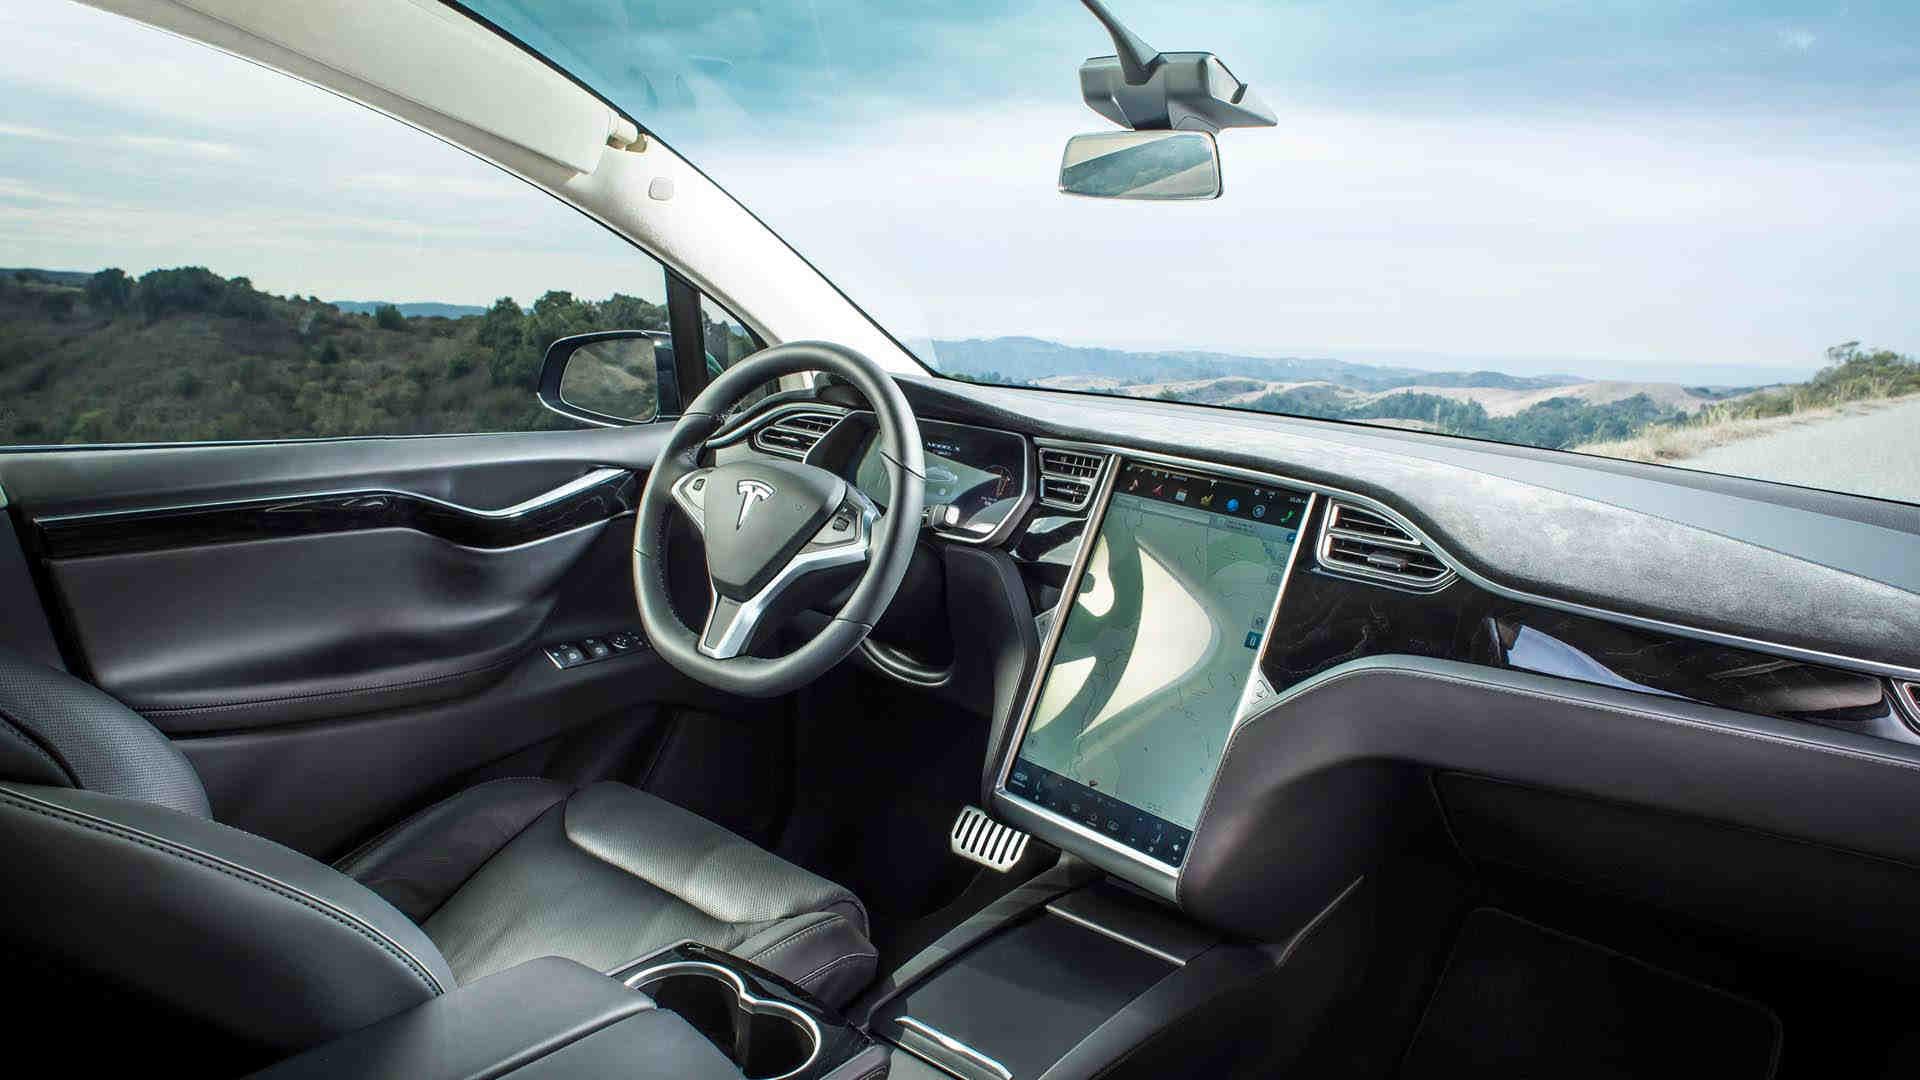 """Alemania instó a la firma a que deje de promover """"el piloto automático"""" de sus vehículos, ya que se trata de un simple asistente de conducción"""